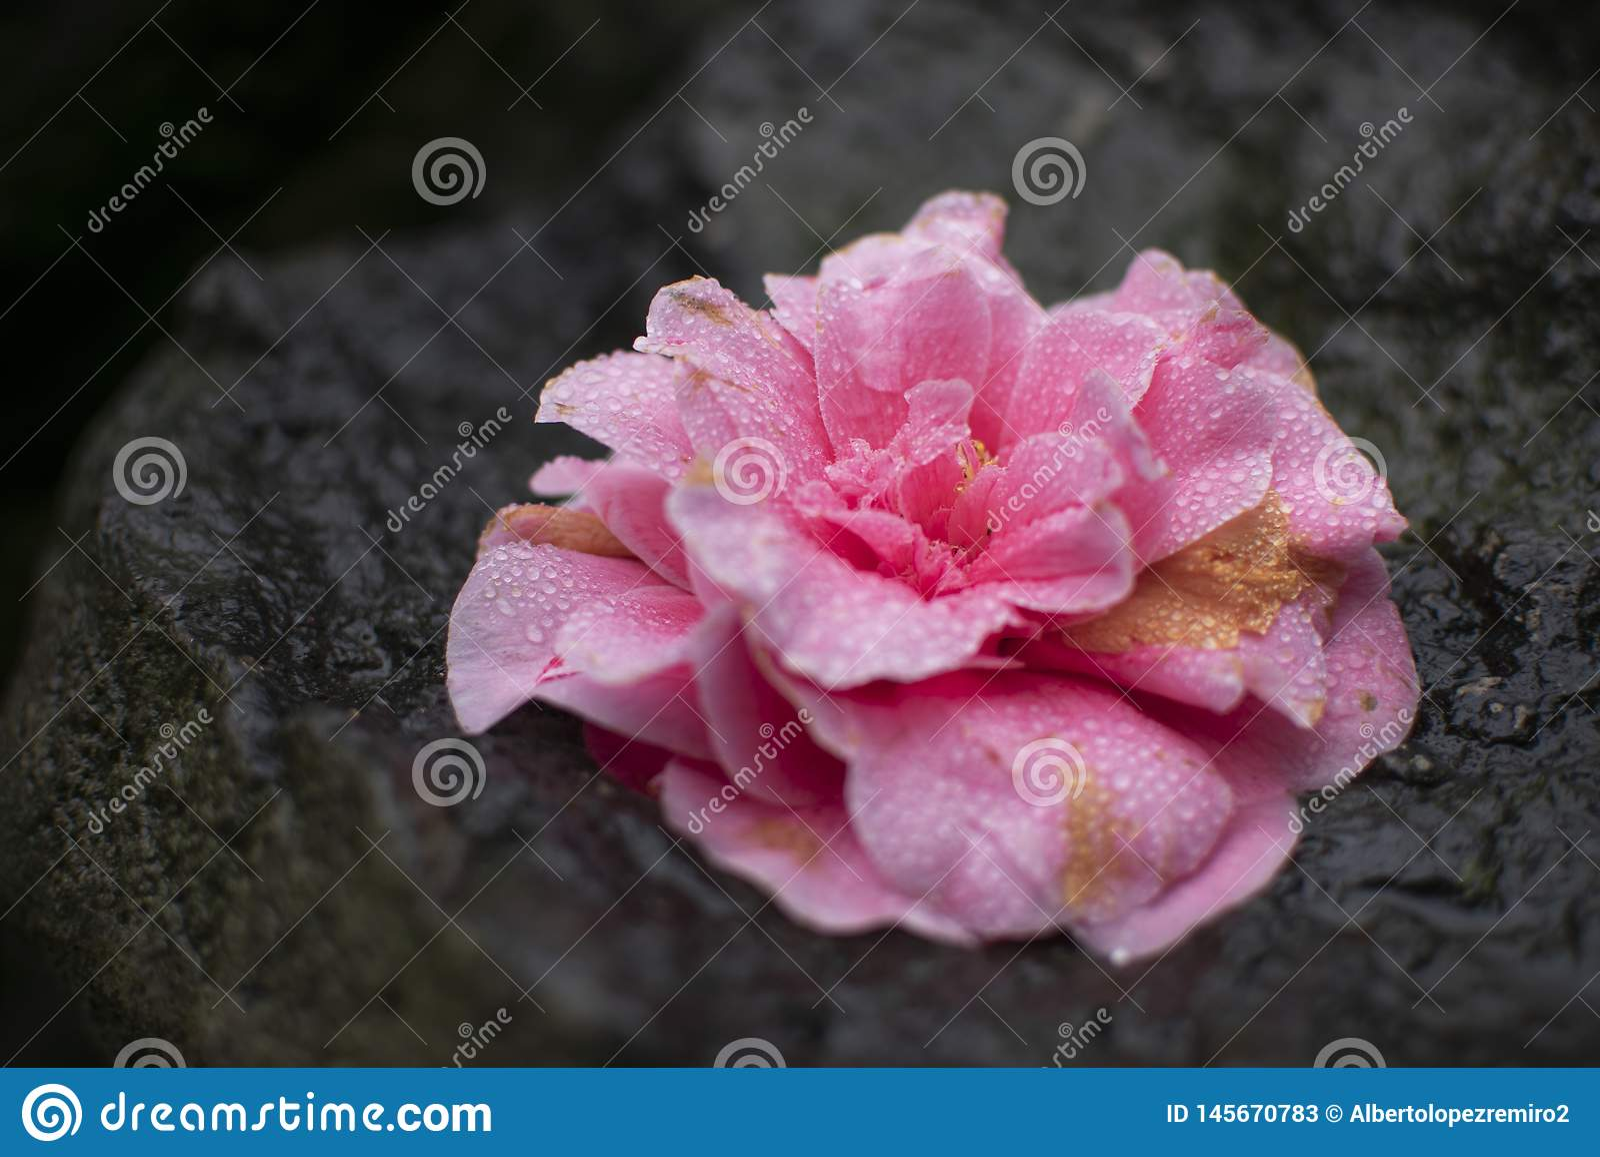 Bello fiore rosa con le gocce di rugiada bagnate